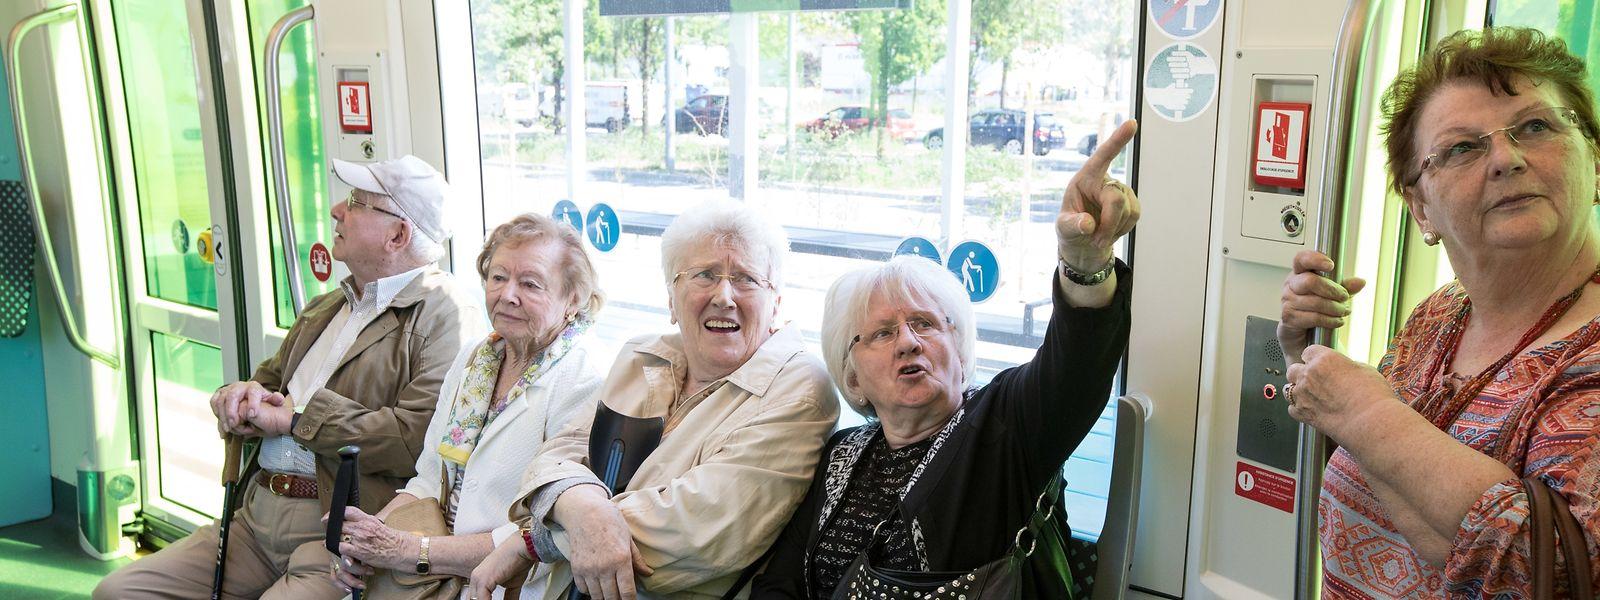 Passagiere der ehemaligen städtischen Tram fahren zum ersten Mal mit der neuen Straßenbahn.